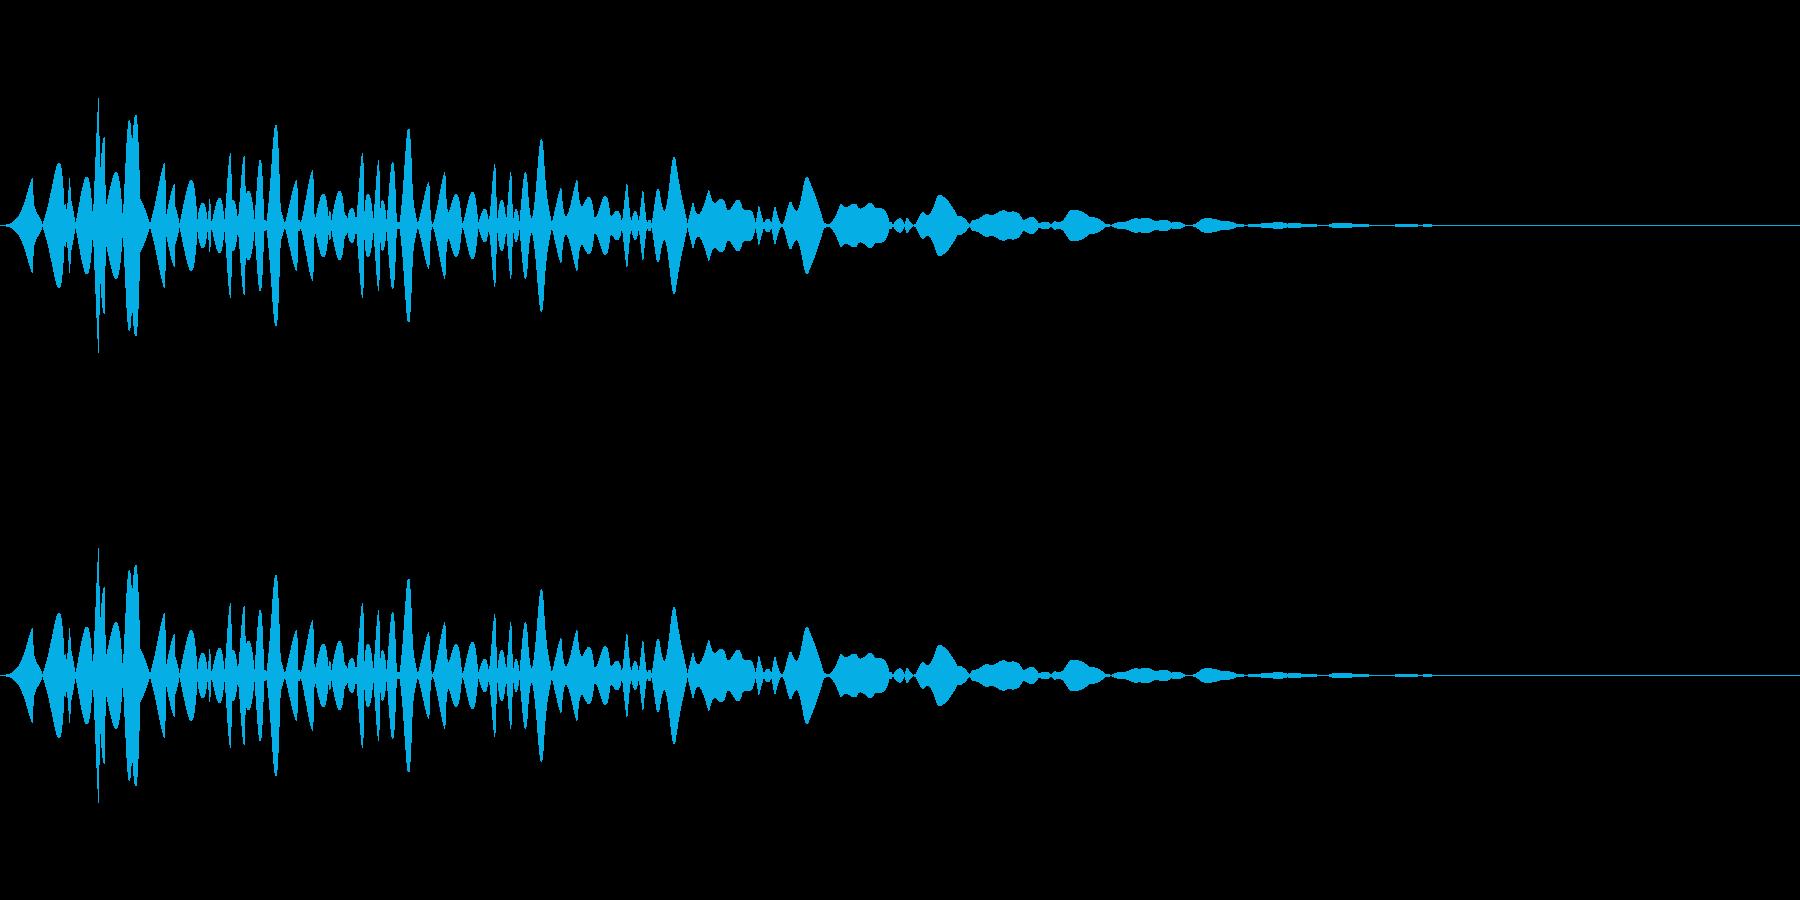 ブンッ(メニュー/キャンセル/選択の再生済みの波形